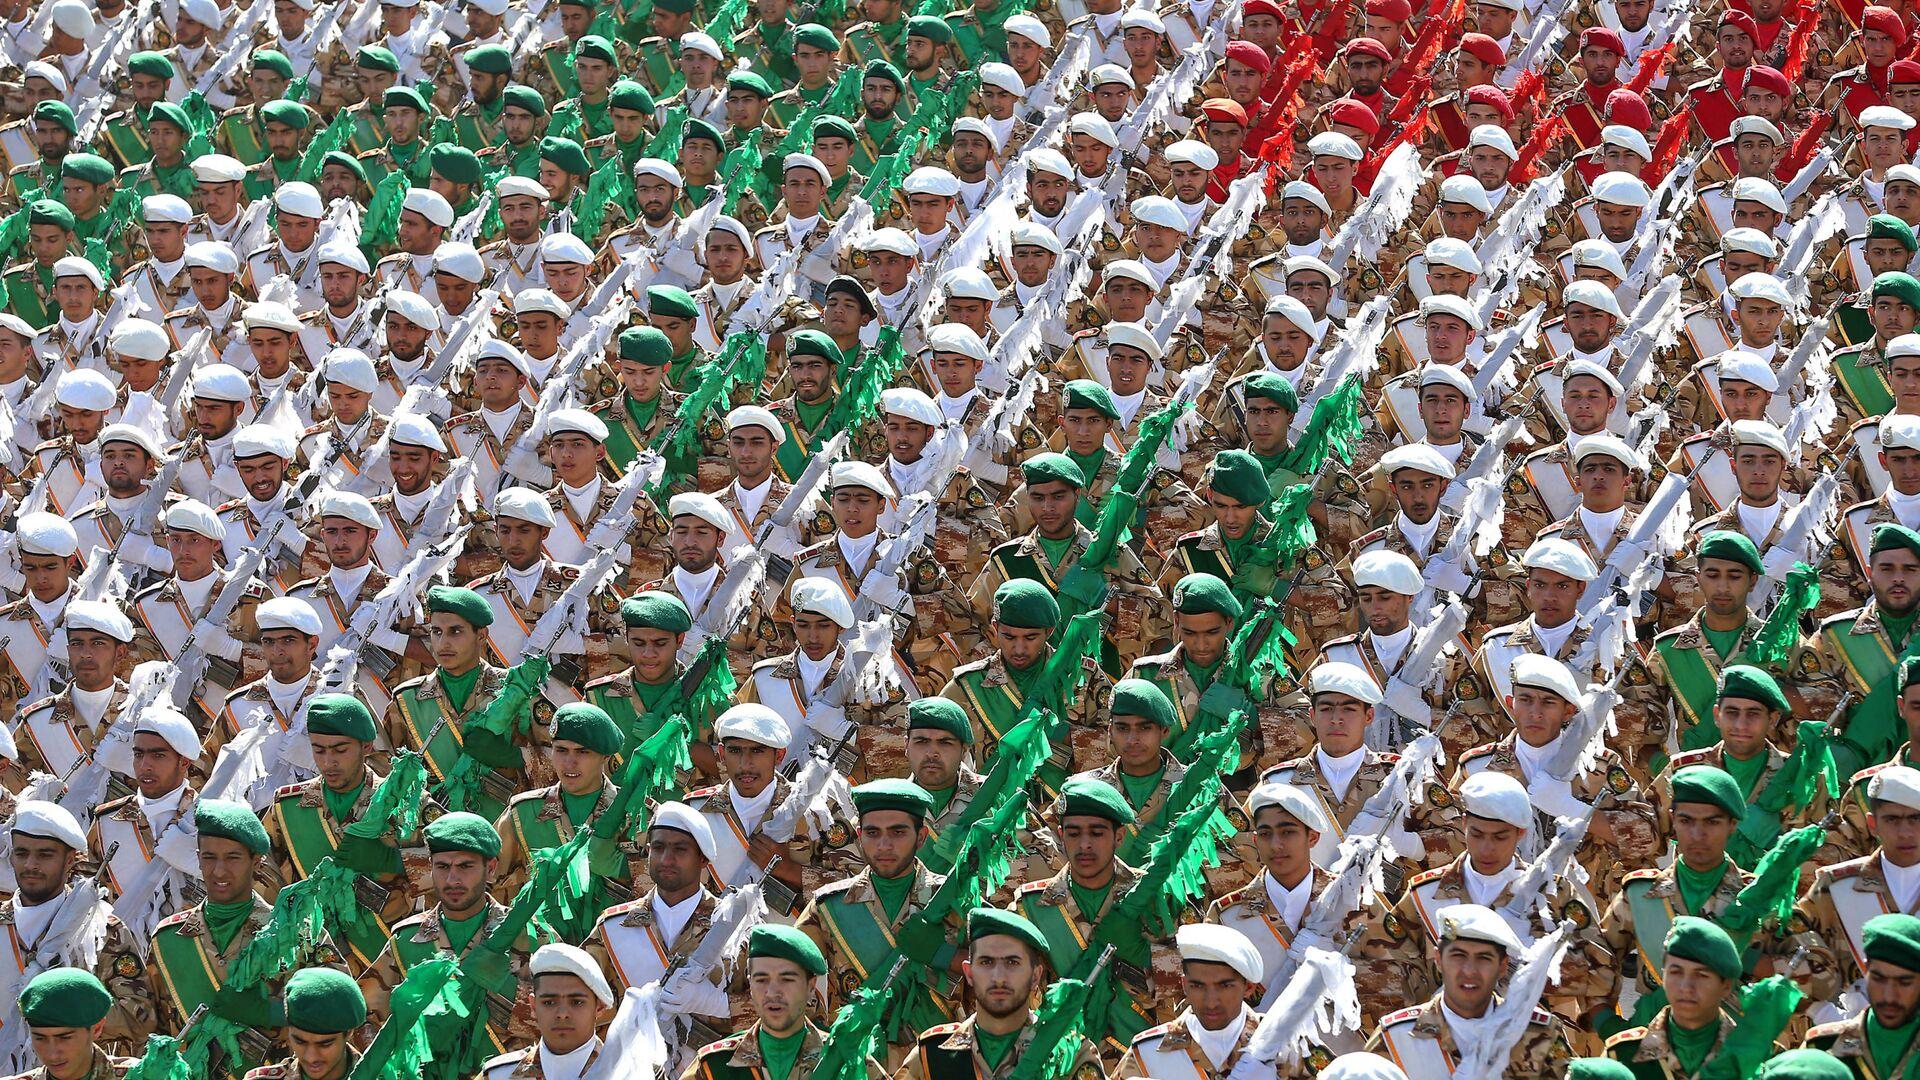 Vojenská prehlídka v Íránu - Sputnik Česká republika, 1920, 10.09.2021